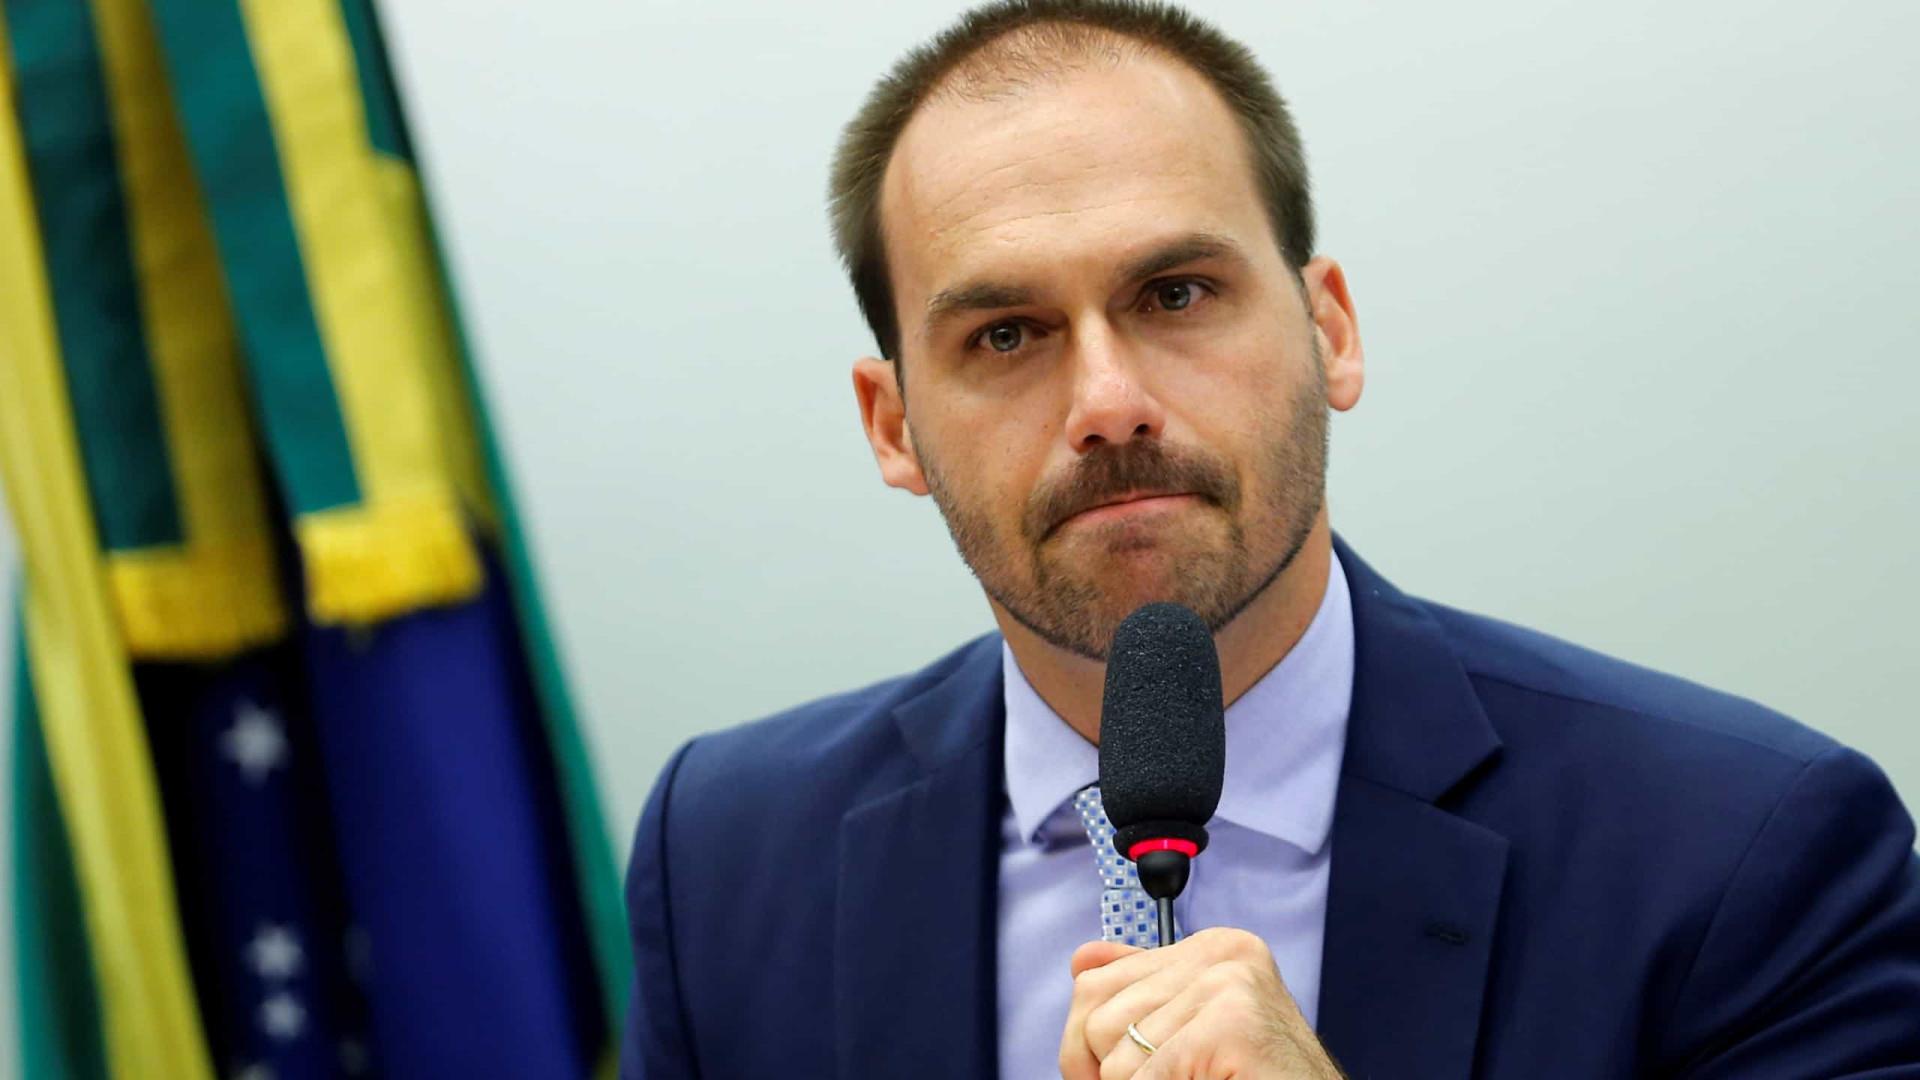 Eduardo critica Cid e Ciro fala de família Bolsonaro com milícias